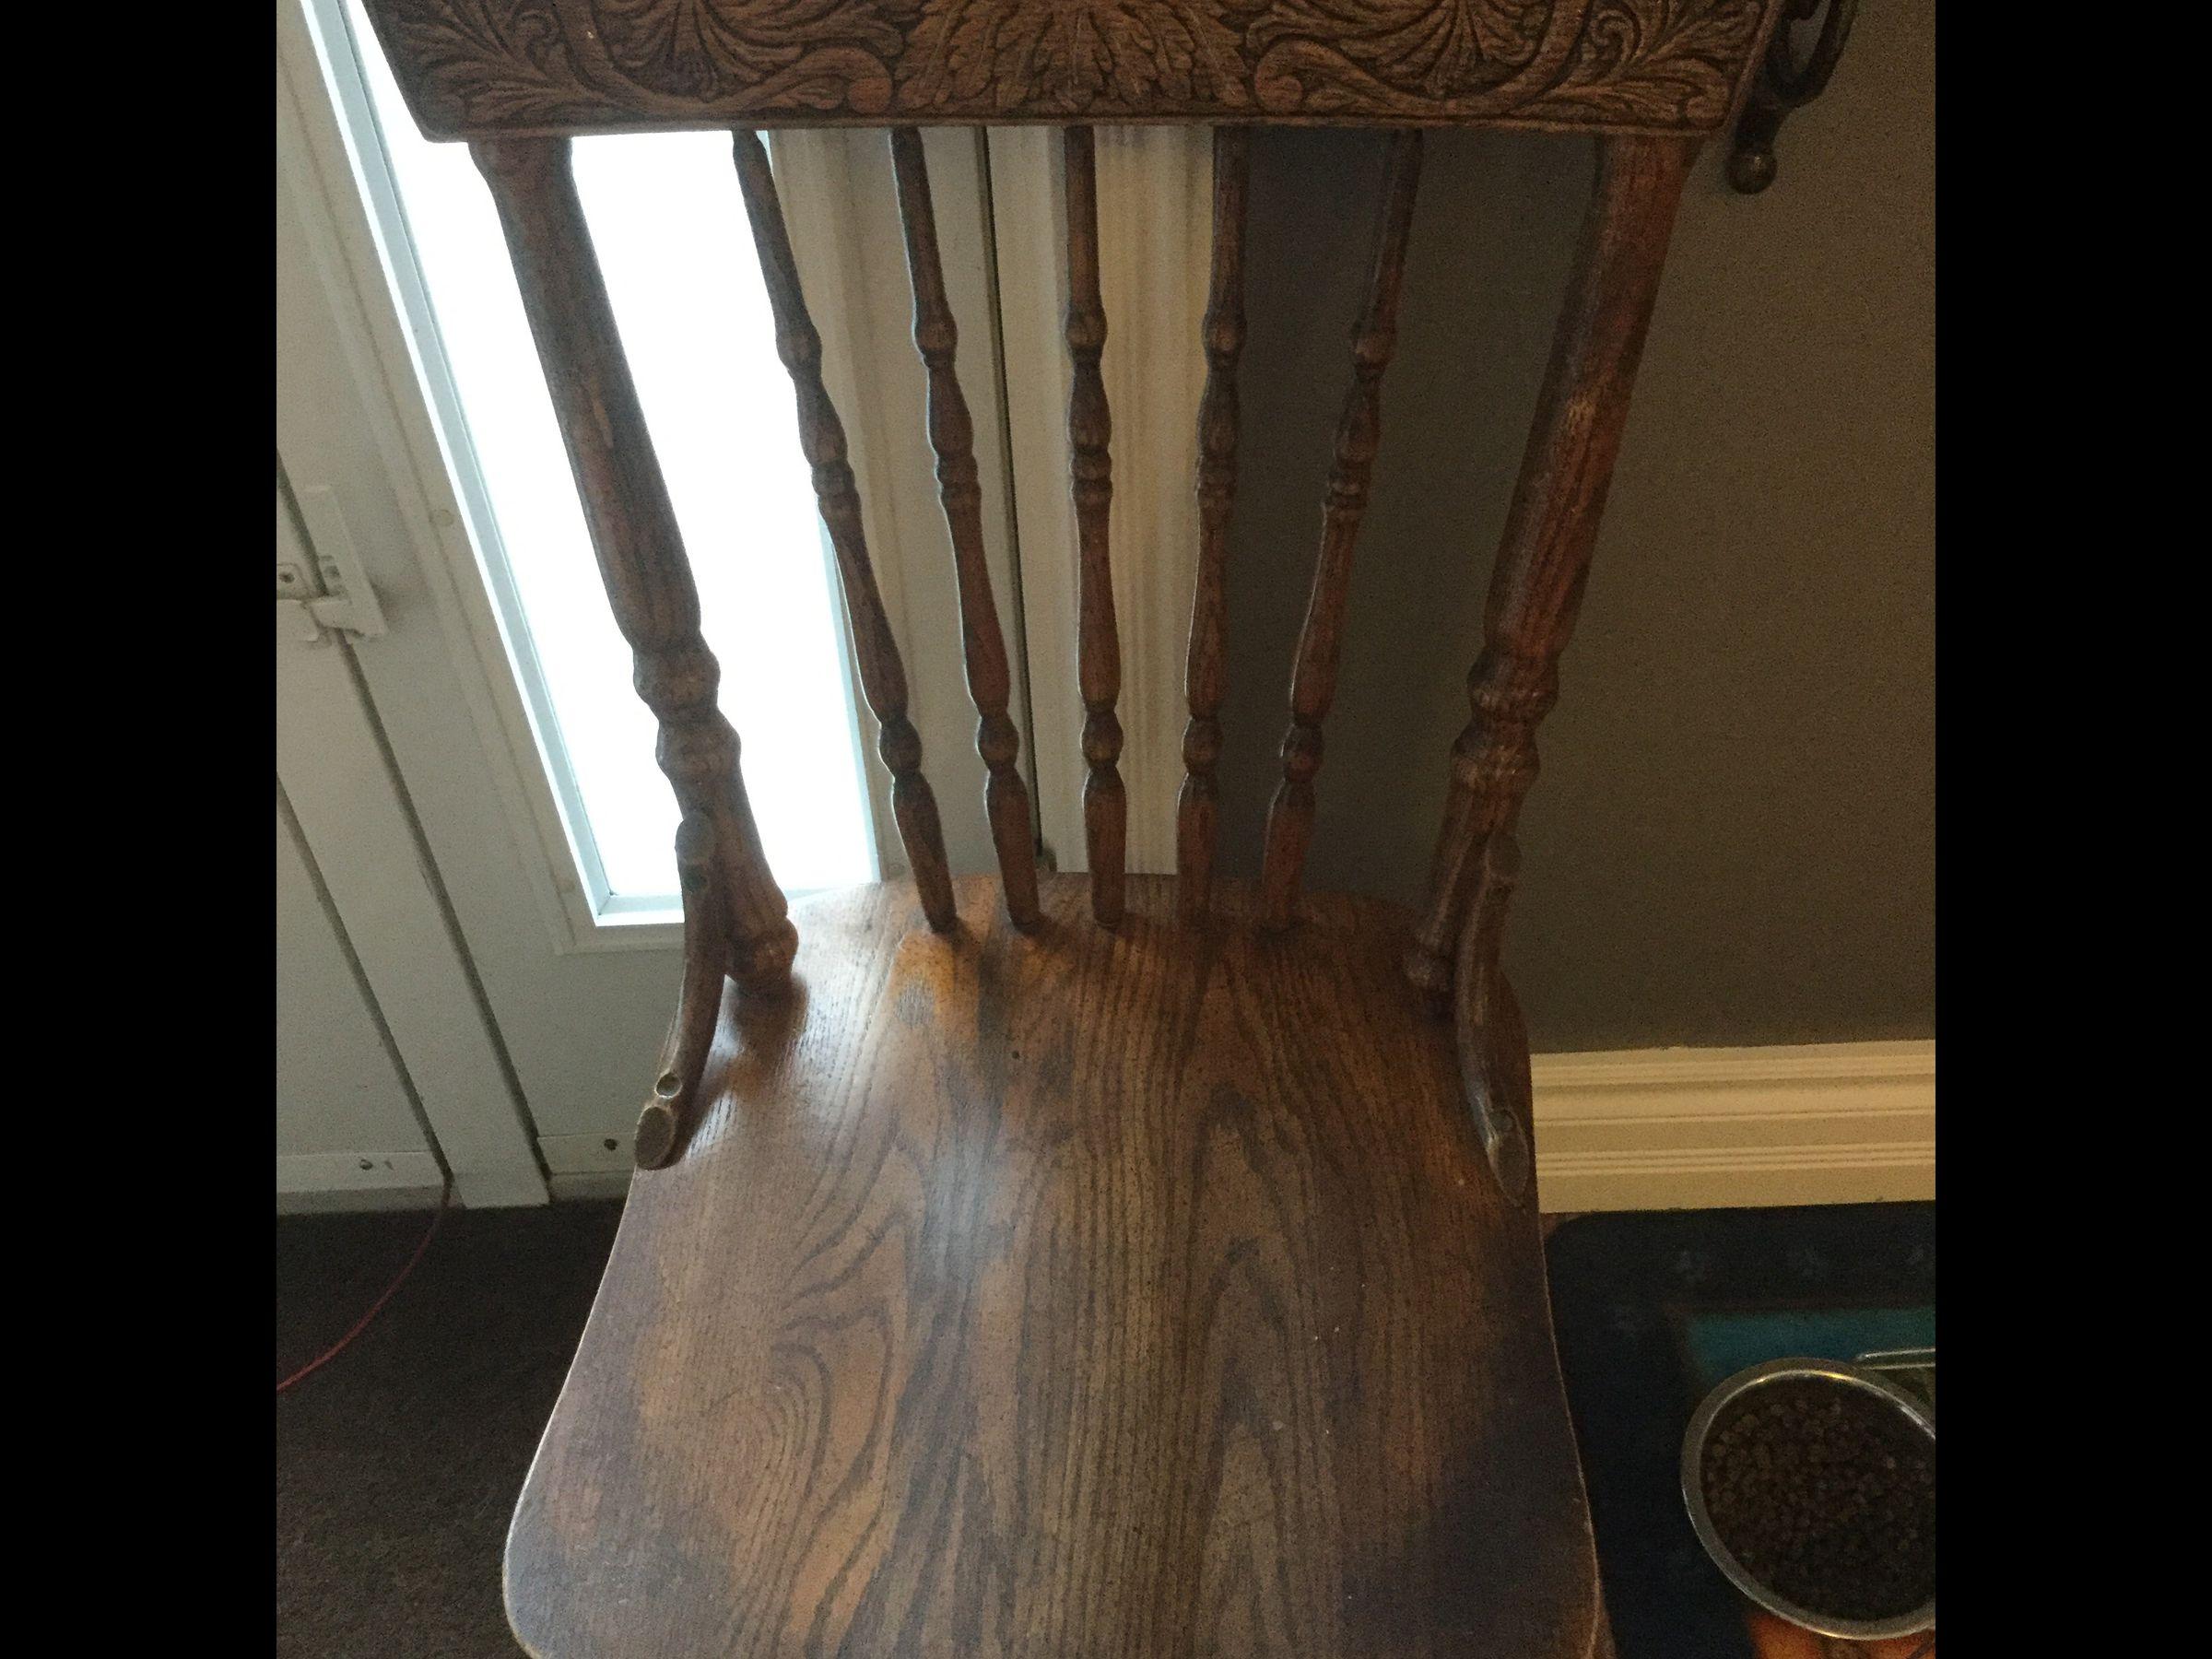 Comment Decaper Une Chaise Vernis vernis collant - ardec - produits pour bois